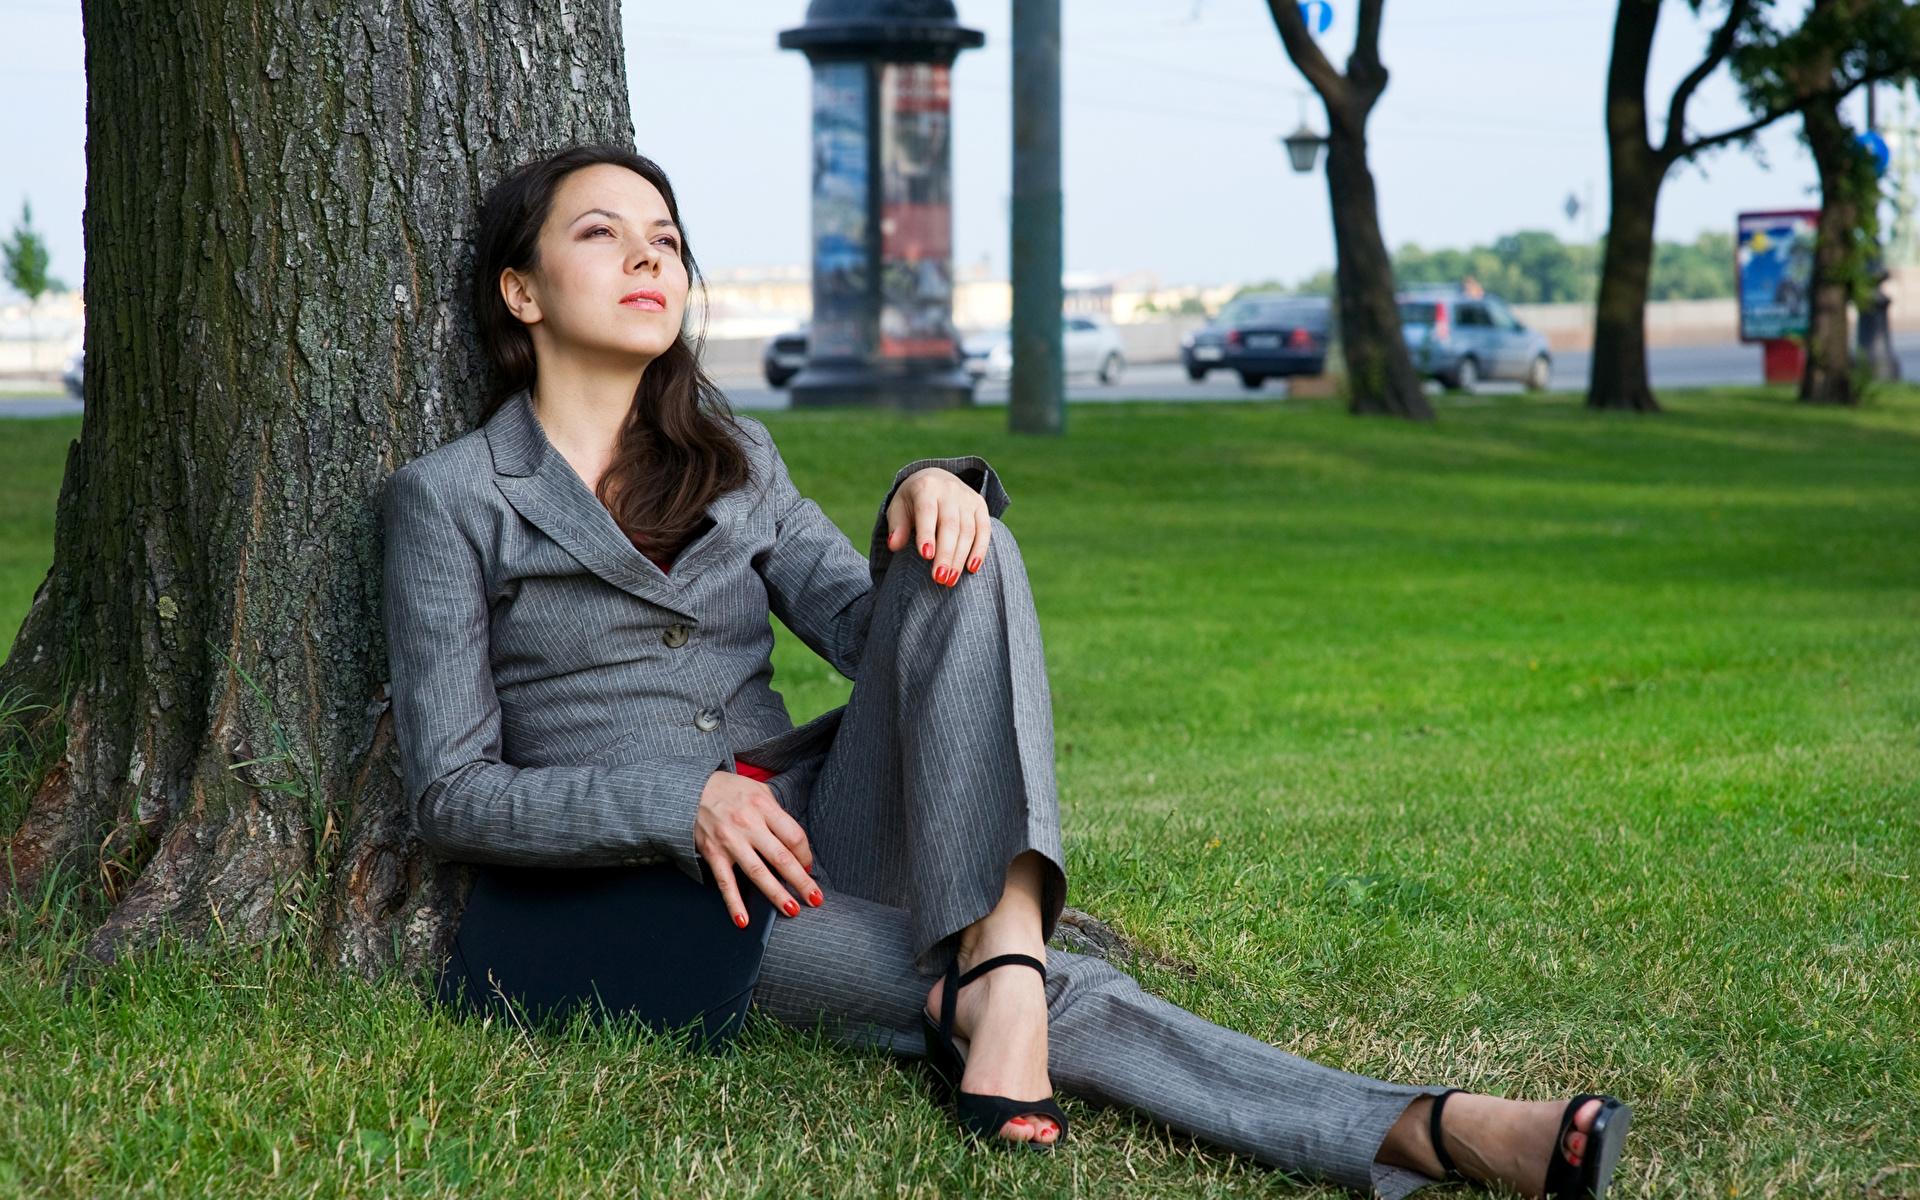 Bilder von Brünette Mädchens Baumstamm Anzug Sitzend Blick 1920x1200 Starren